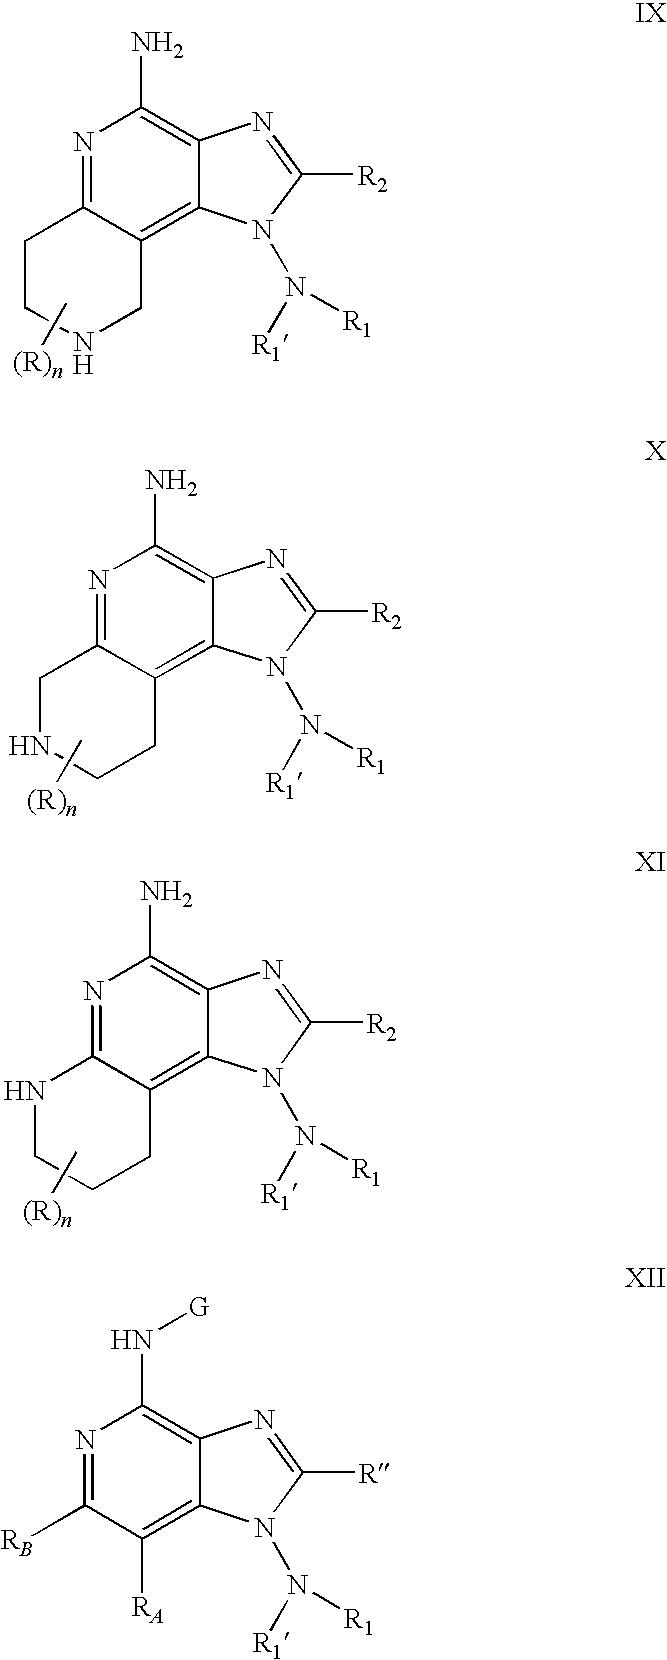 Figure US20090270443A1-20091029-C00003